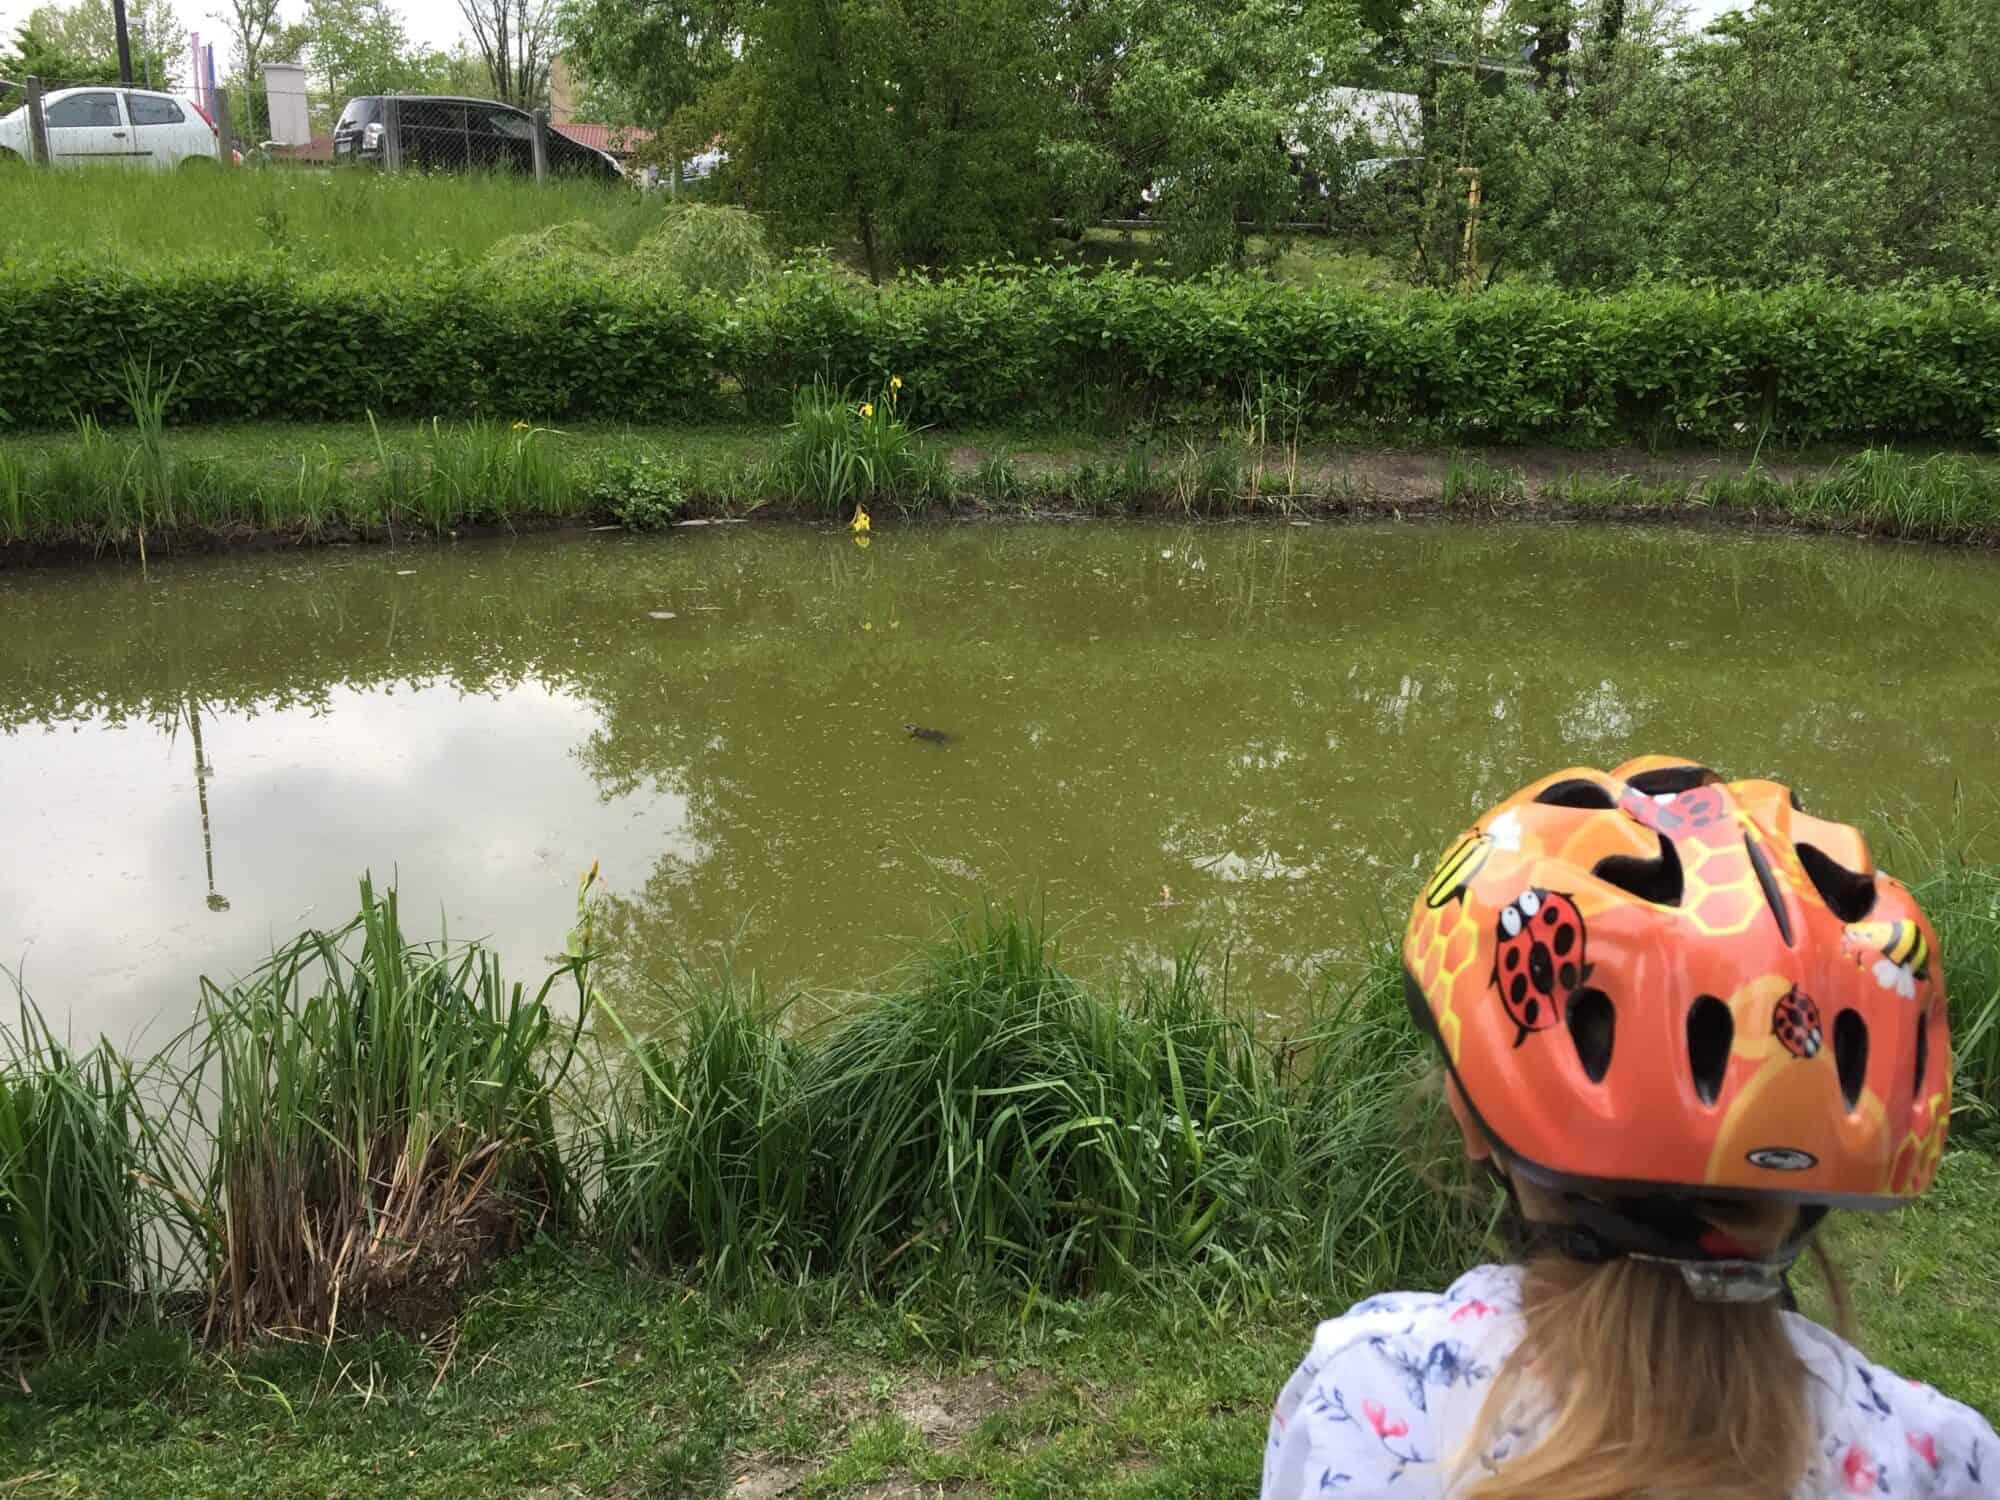 Opazovanje želve v ribniku, Ljubljana